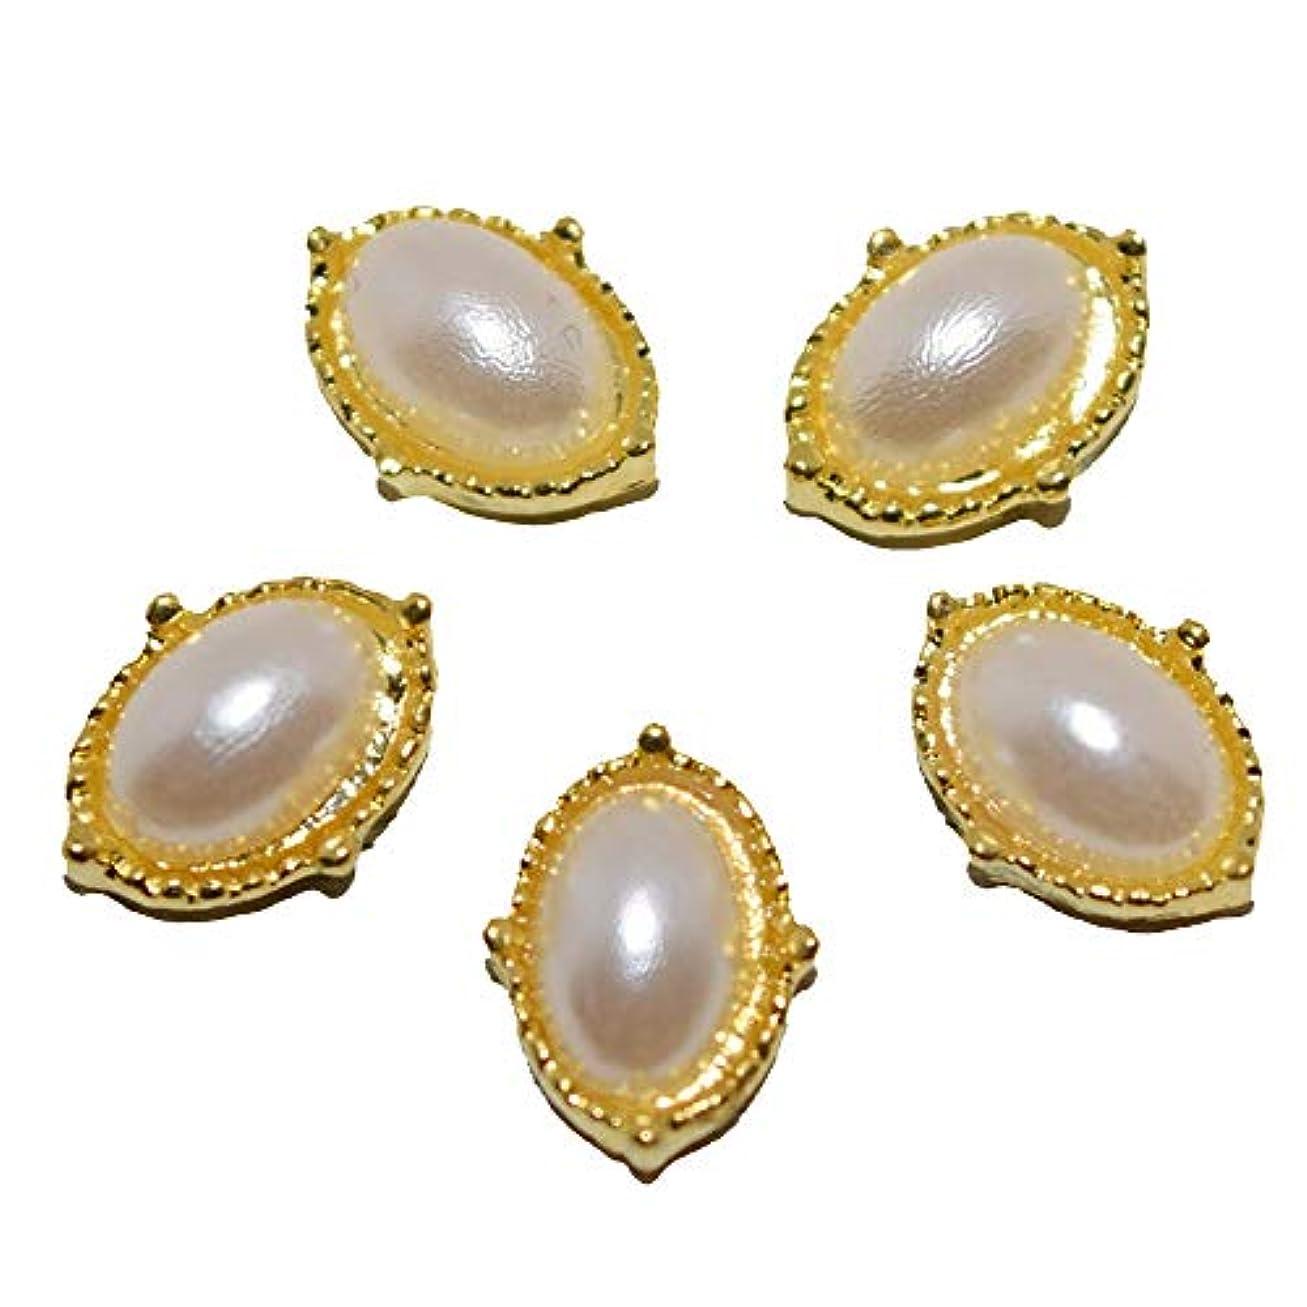 リーダーシップ洗剤管理します10個入り金馬の目の真珠3Dネイルアートの装飾合金ネイルチャームネイルズラインストーン用品